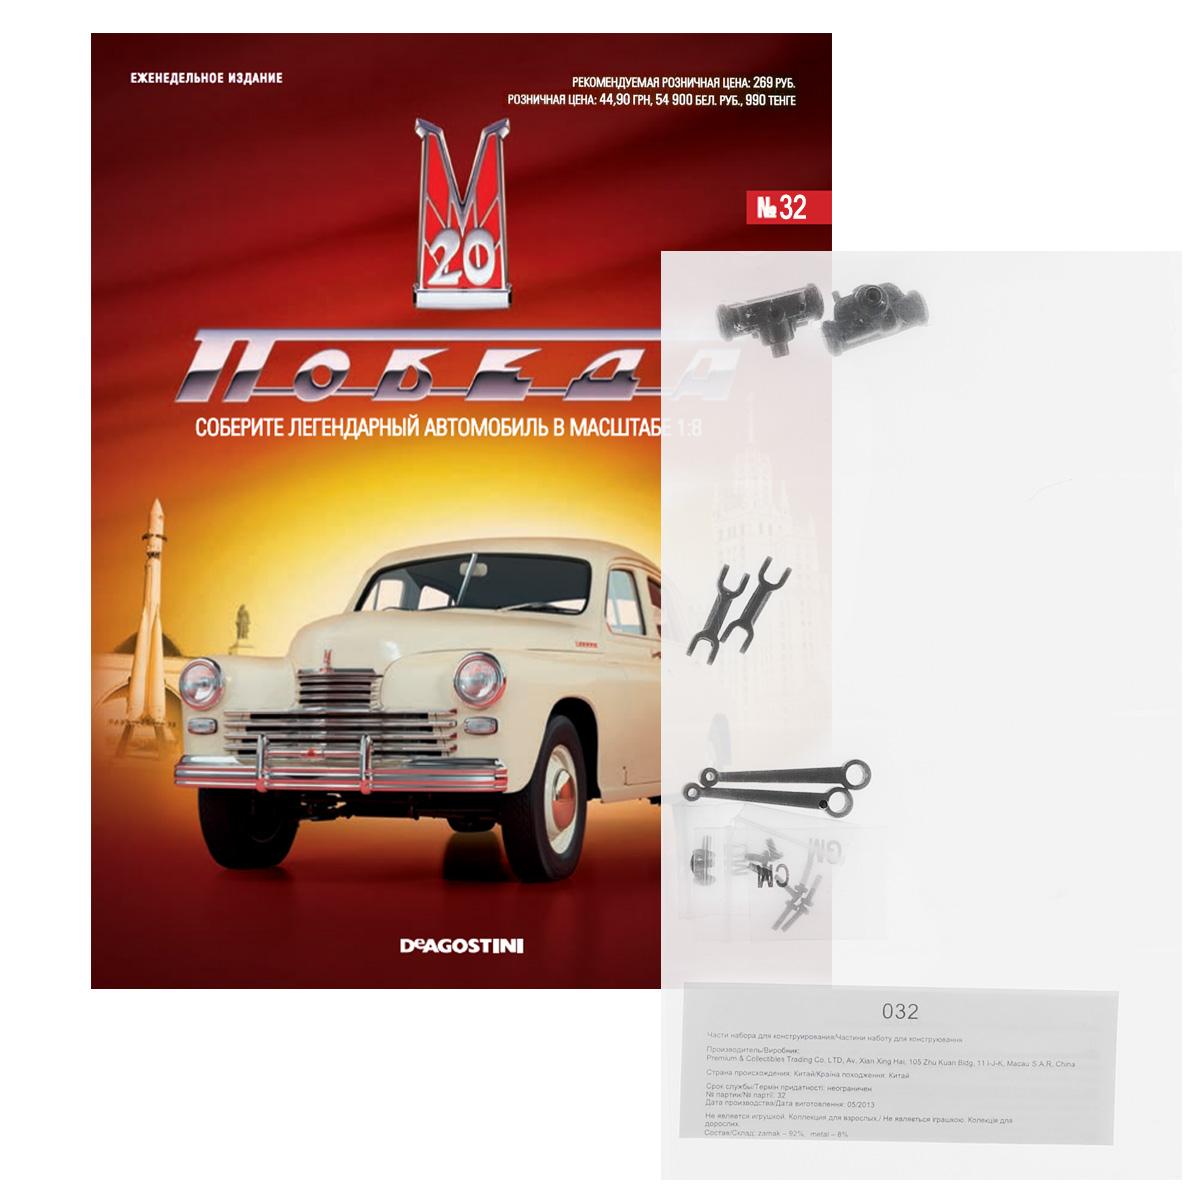 Журнал М20 Победа №32POBEDA032Журнальная серия ГАЗ М20 Победа от издательства ДеАгостини разработана для поклонников моделизма и истории автомобилестроения. Коллекция включает в себя 100 выпусков еженедельных журналов, в которых публикуются интересные архивные материалы и фотоснимки, информация об важнейших исторических событиях в отечественном автомобилестроении, а также пошаговые инструкции по сборке модели автомобиля ГАЗ М20 Победа от компании DeAgostini. Данный выпуск журнала содержит мелкие детали для сборки модели в масштабе 1:8. Категория 16+.